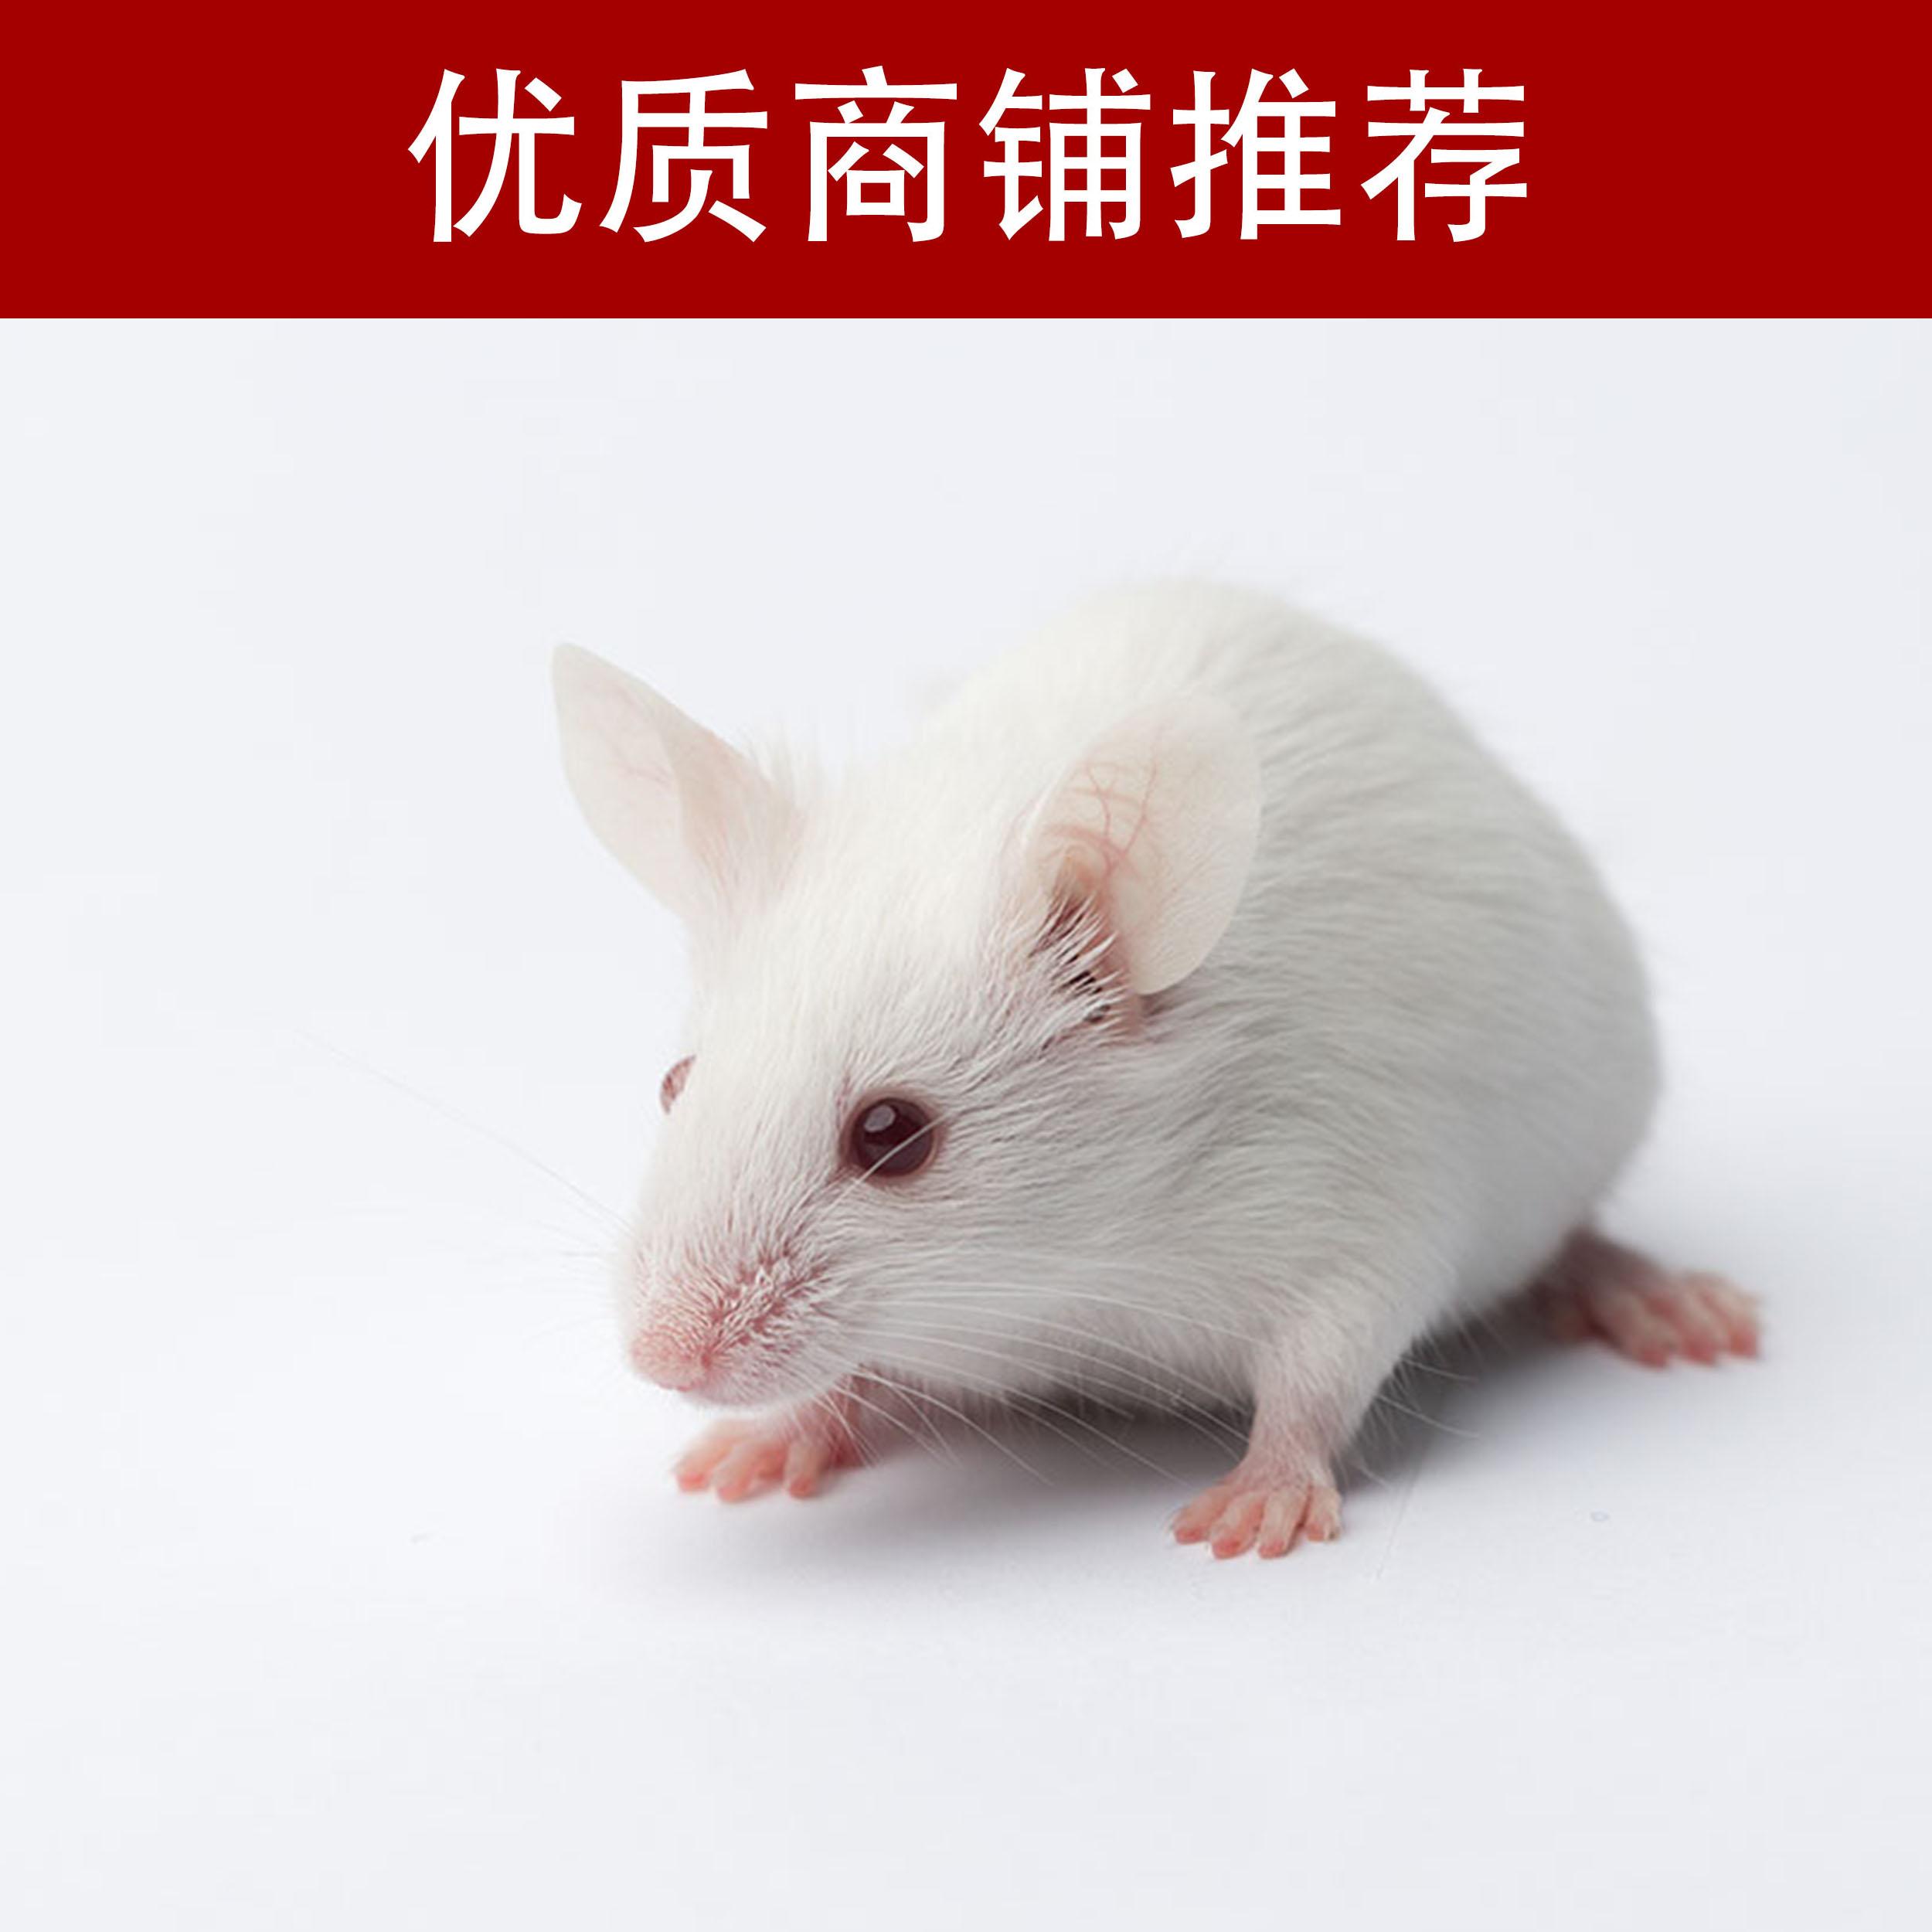 糖尿病动物模型制备